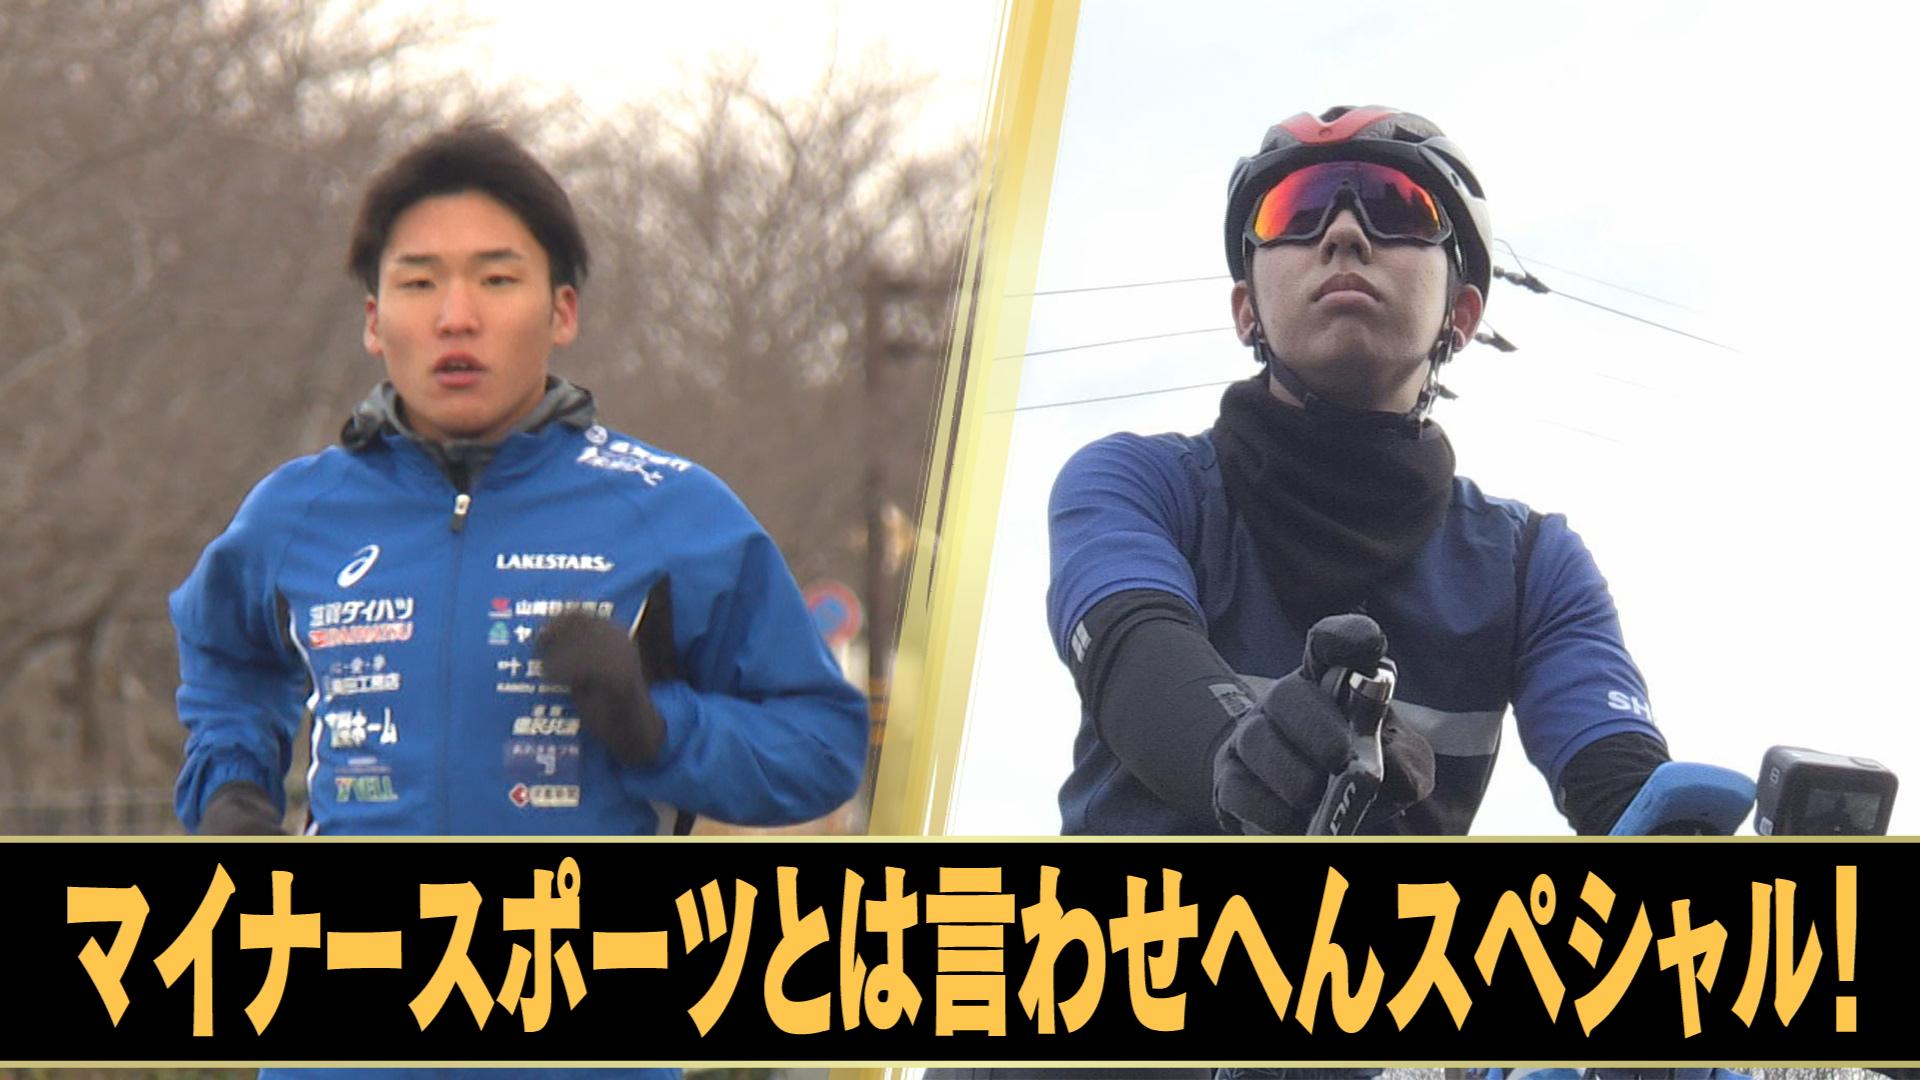 アス・ロード第6回 【マイナースポーツとは言わせへんスペシャル!】